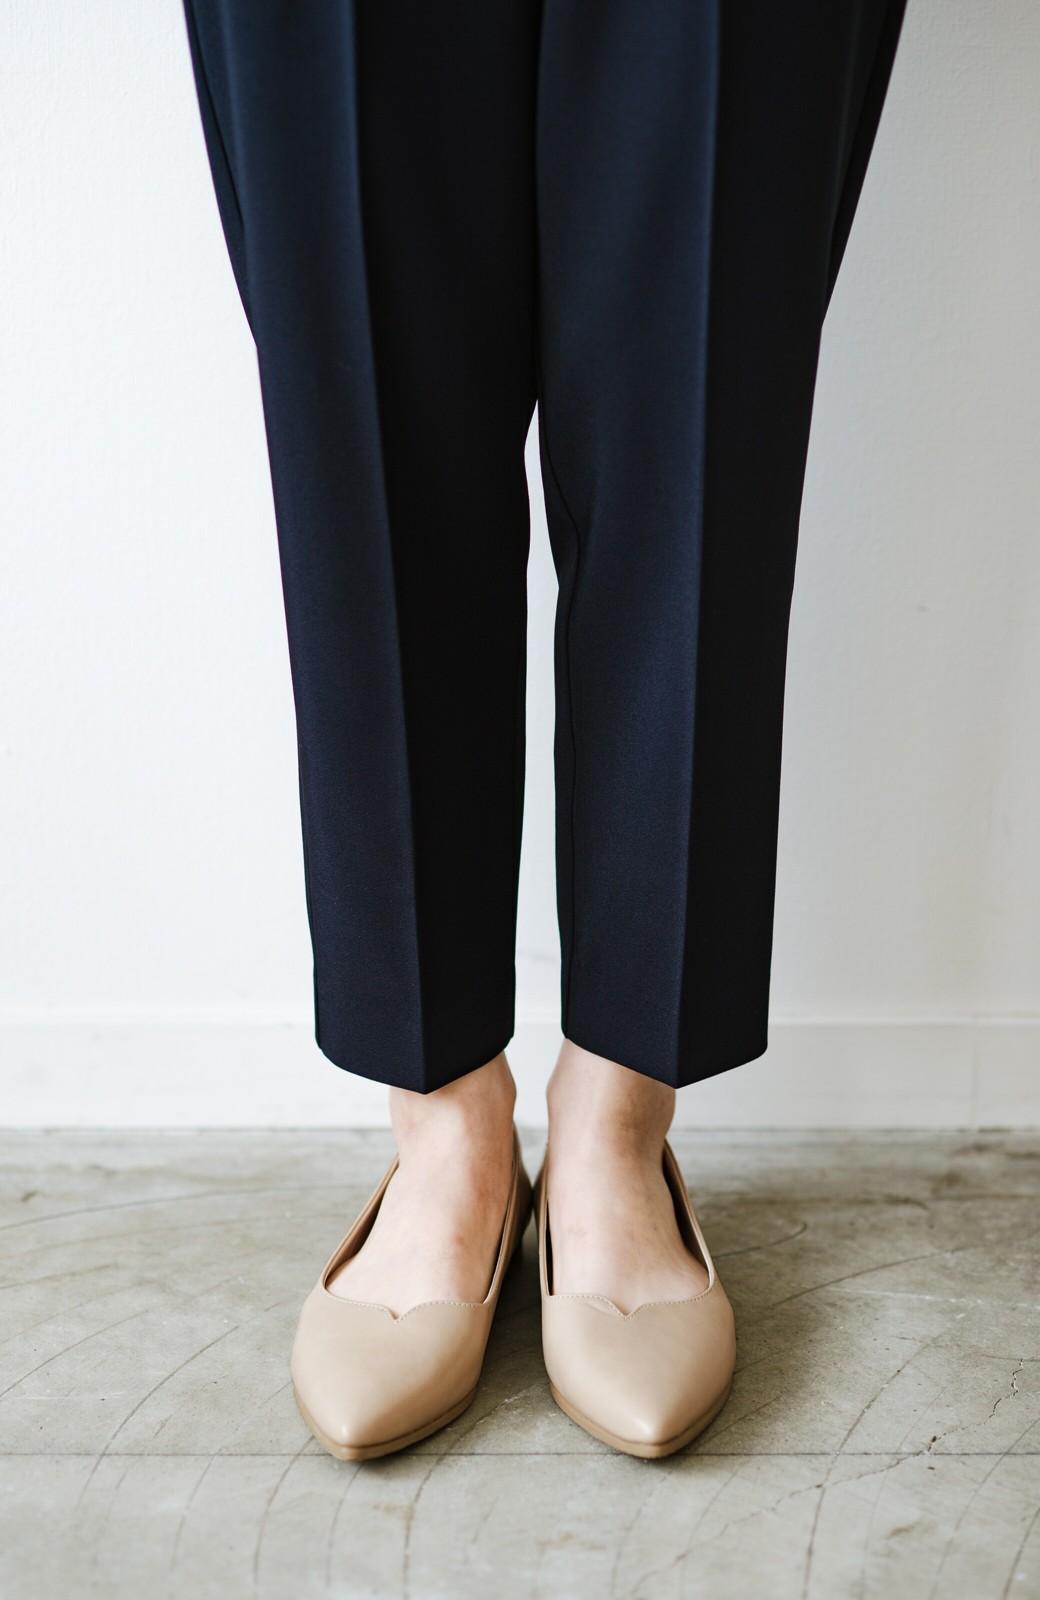 haco! 【防水】普段もお仕事も雨の日も!さっと履いて女っぽい Vカットが足をきれいに見せてくれるフラットパンプス <ベージュ>の商品写真3